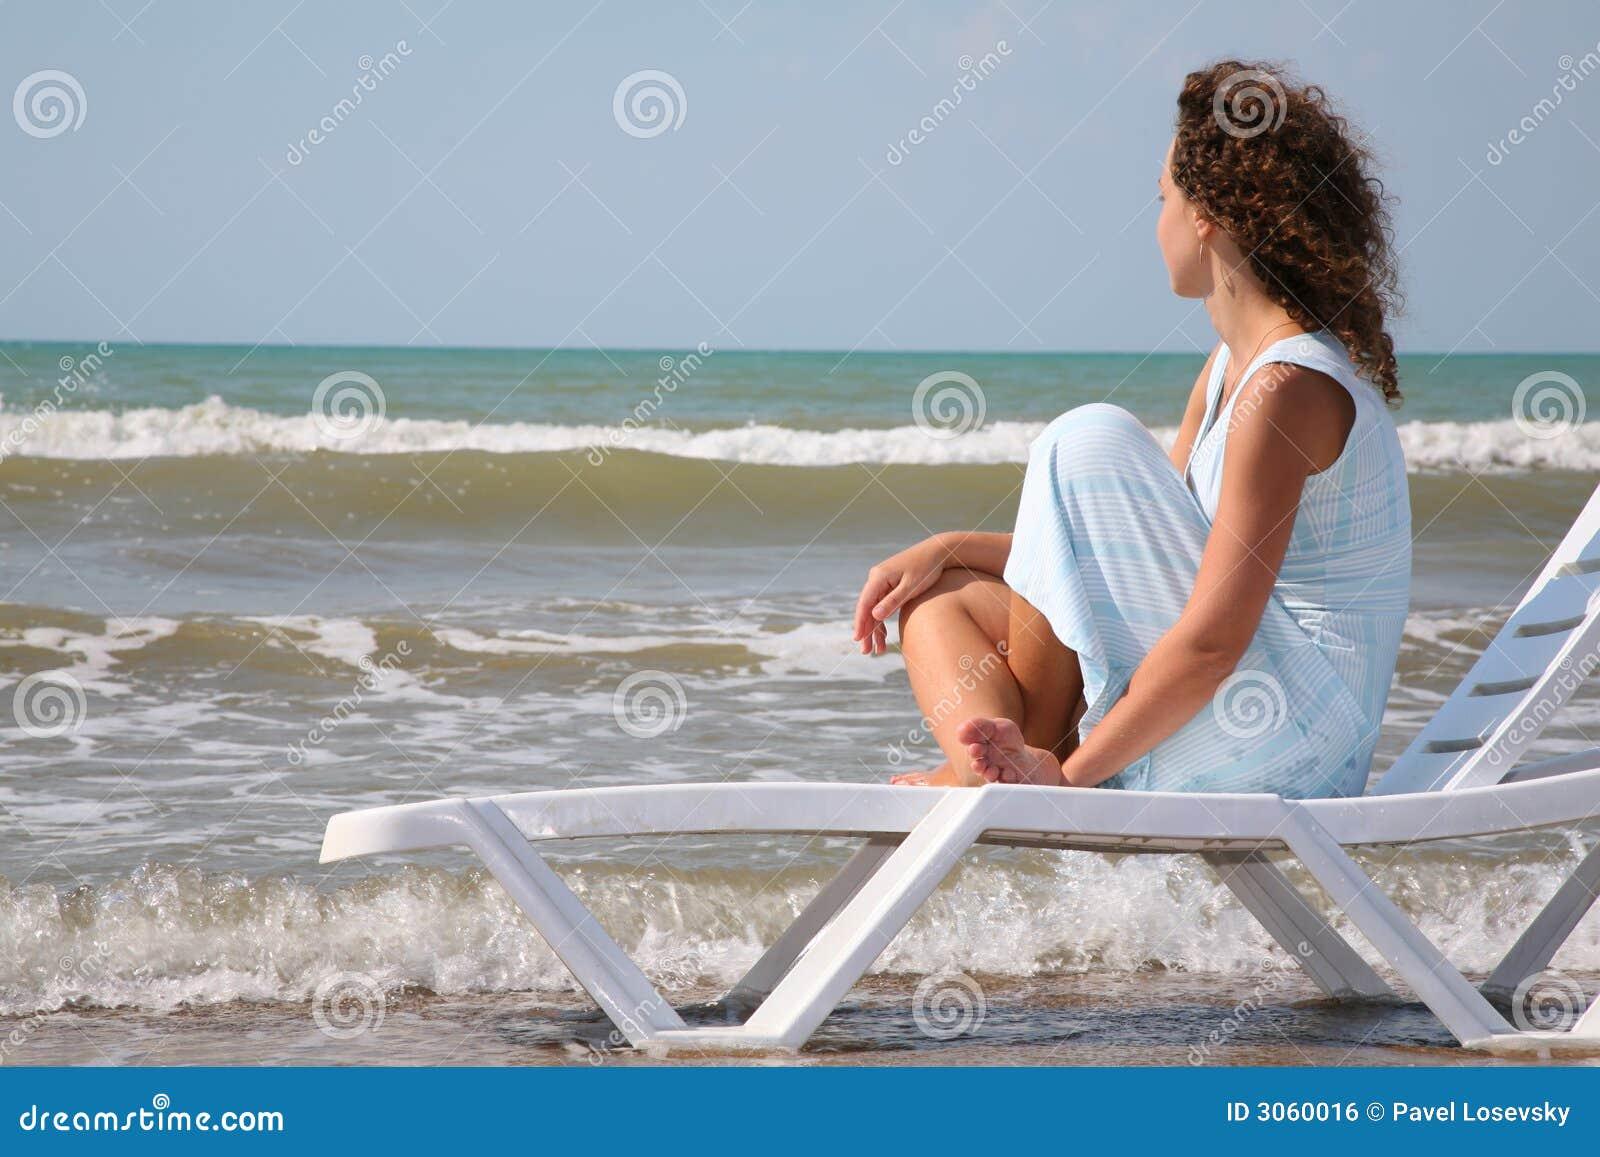 Фото женщин на берегу моря 8 фотография